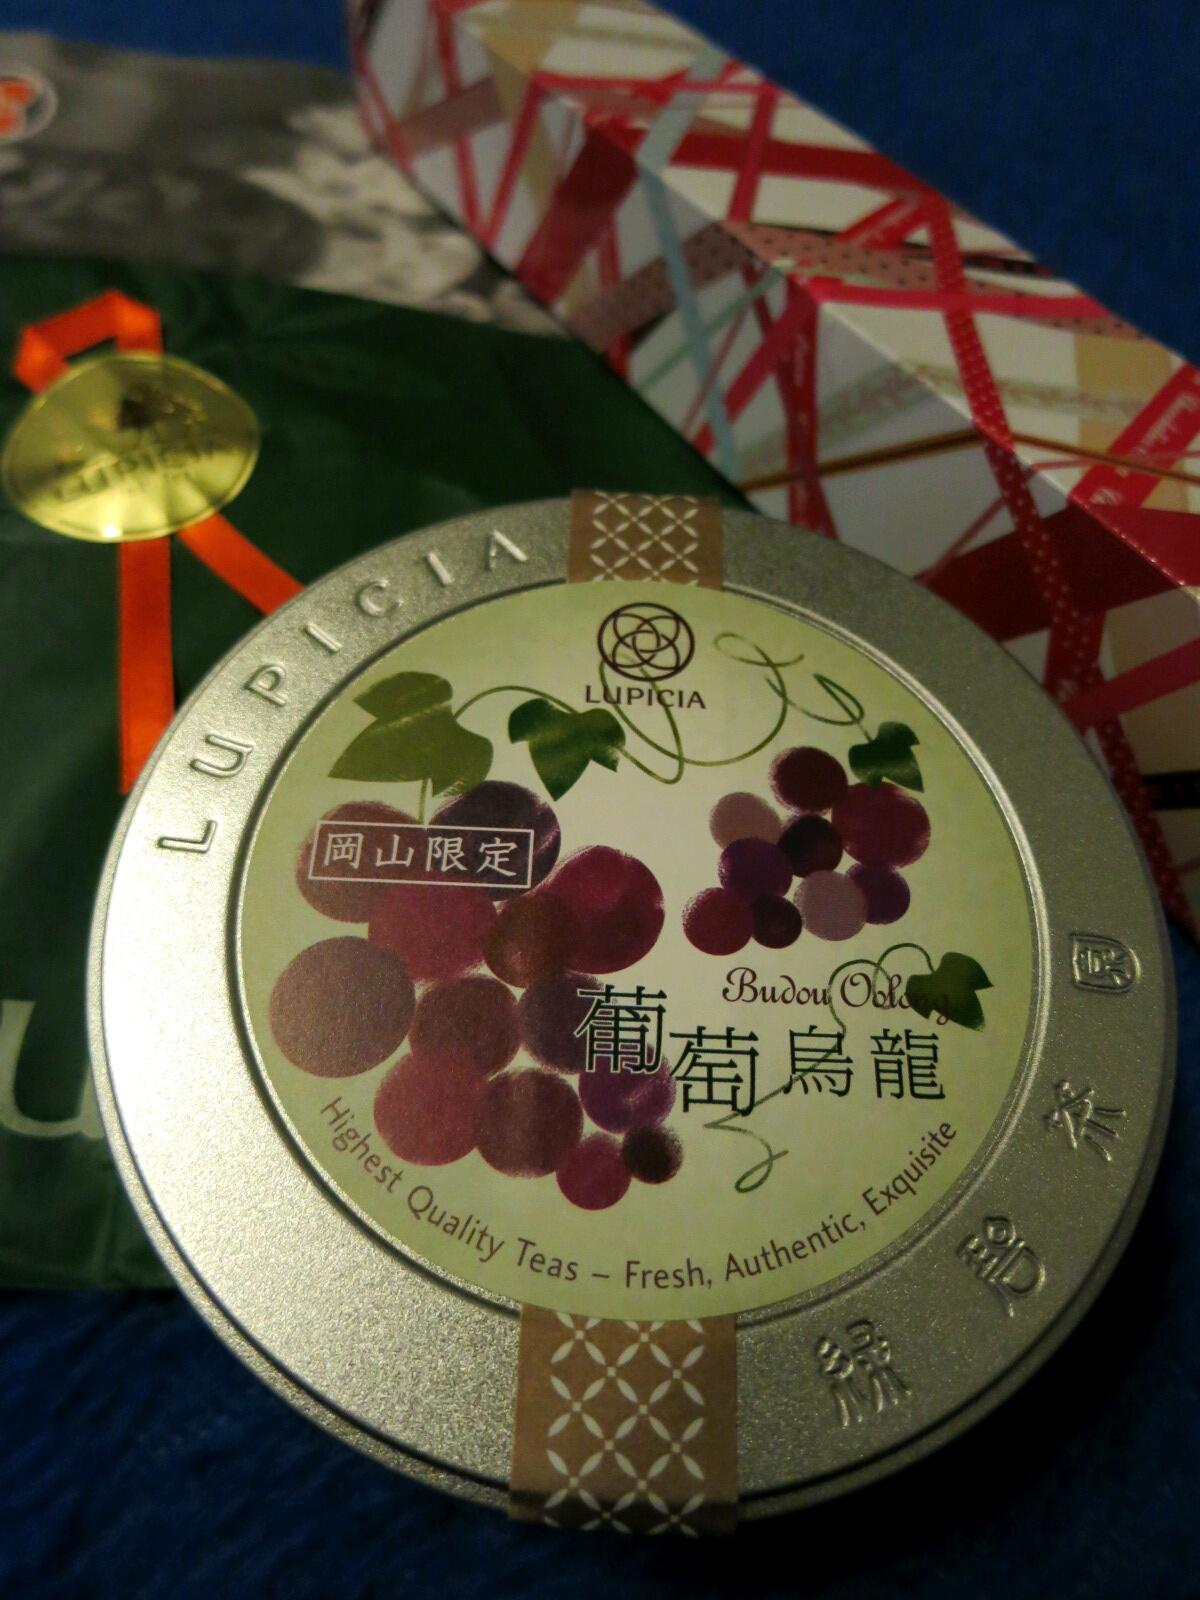 バレンタインランチ@渋谷ヒカリエ~銀座三越でお茶時間♪_f0236260_191336.jpg